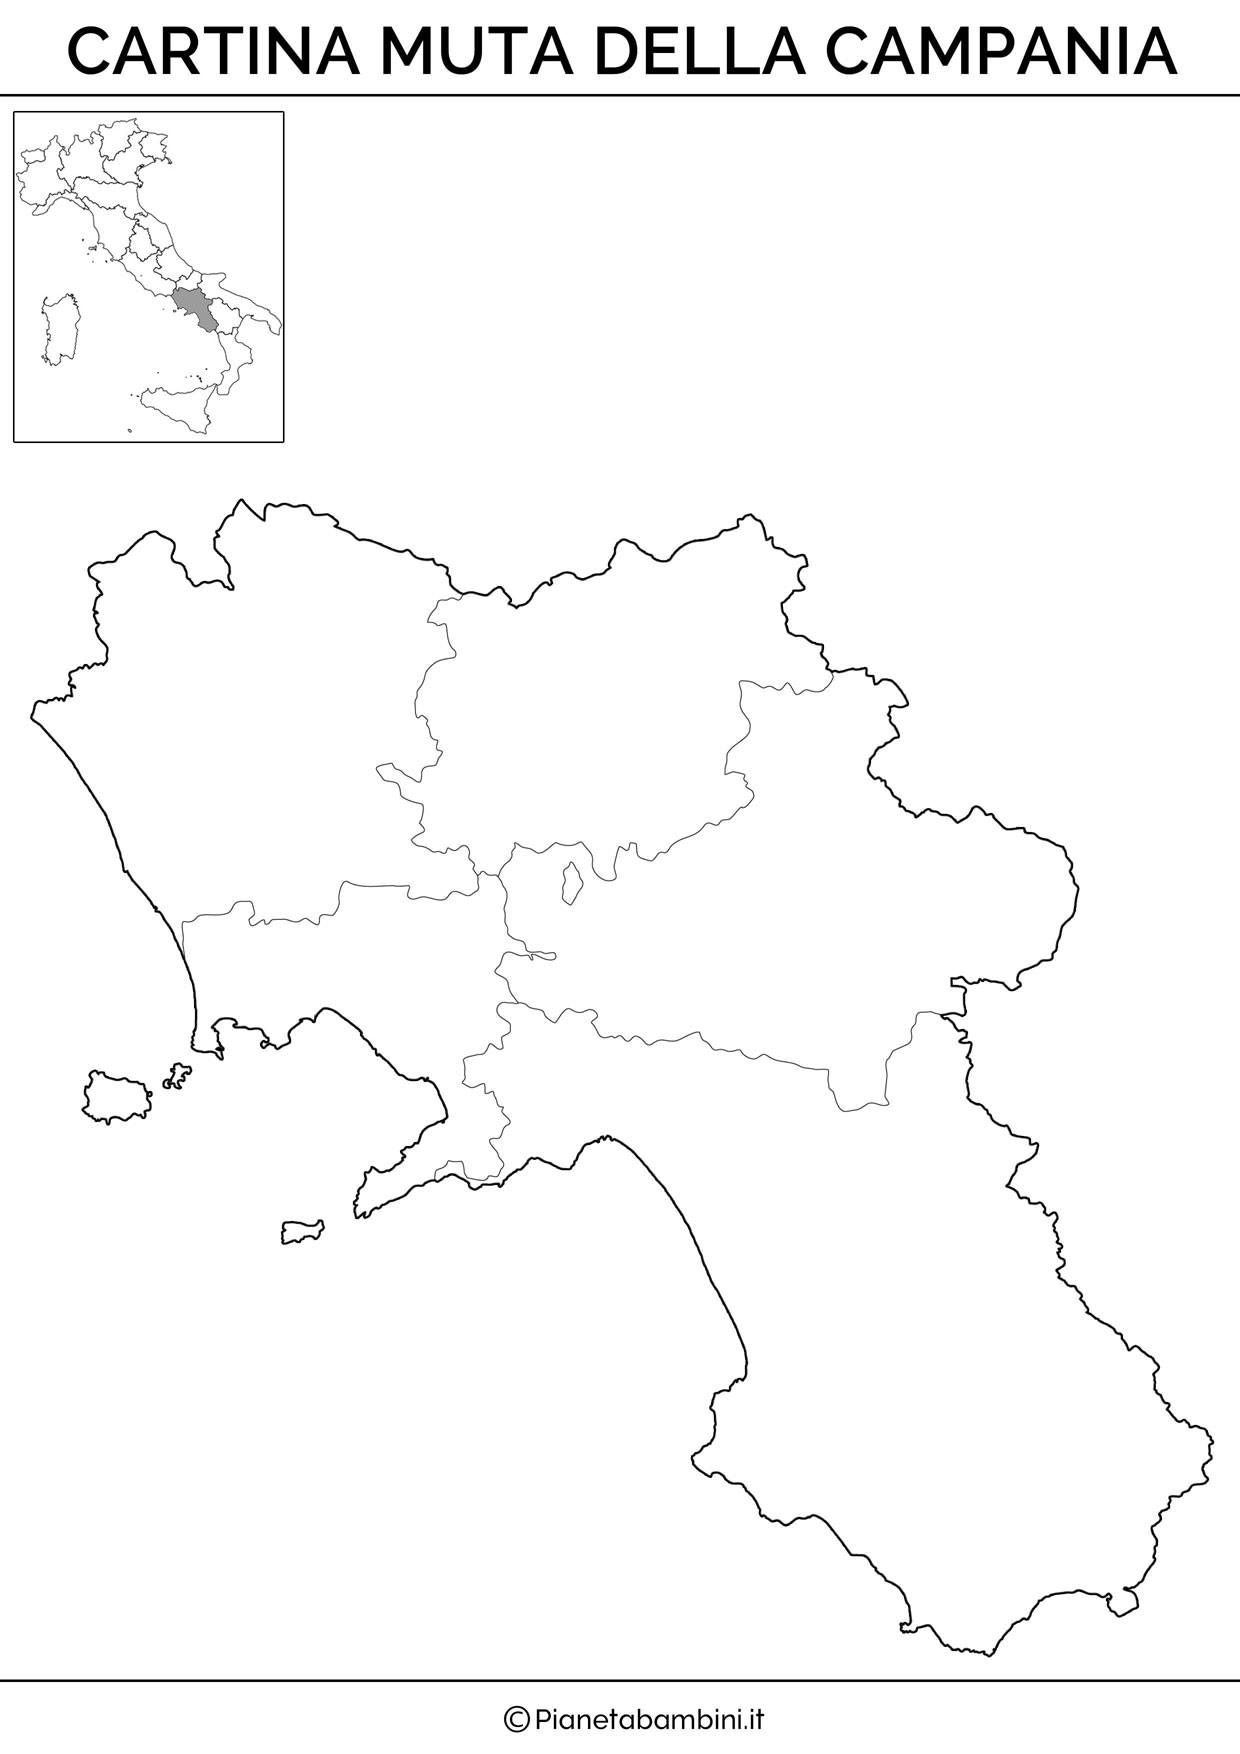 Cartina della Campania in versione muta